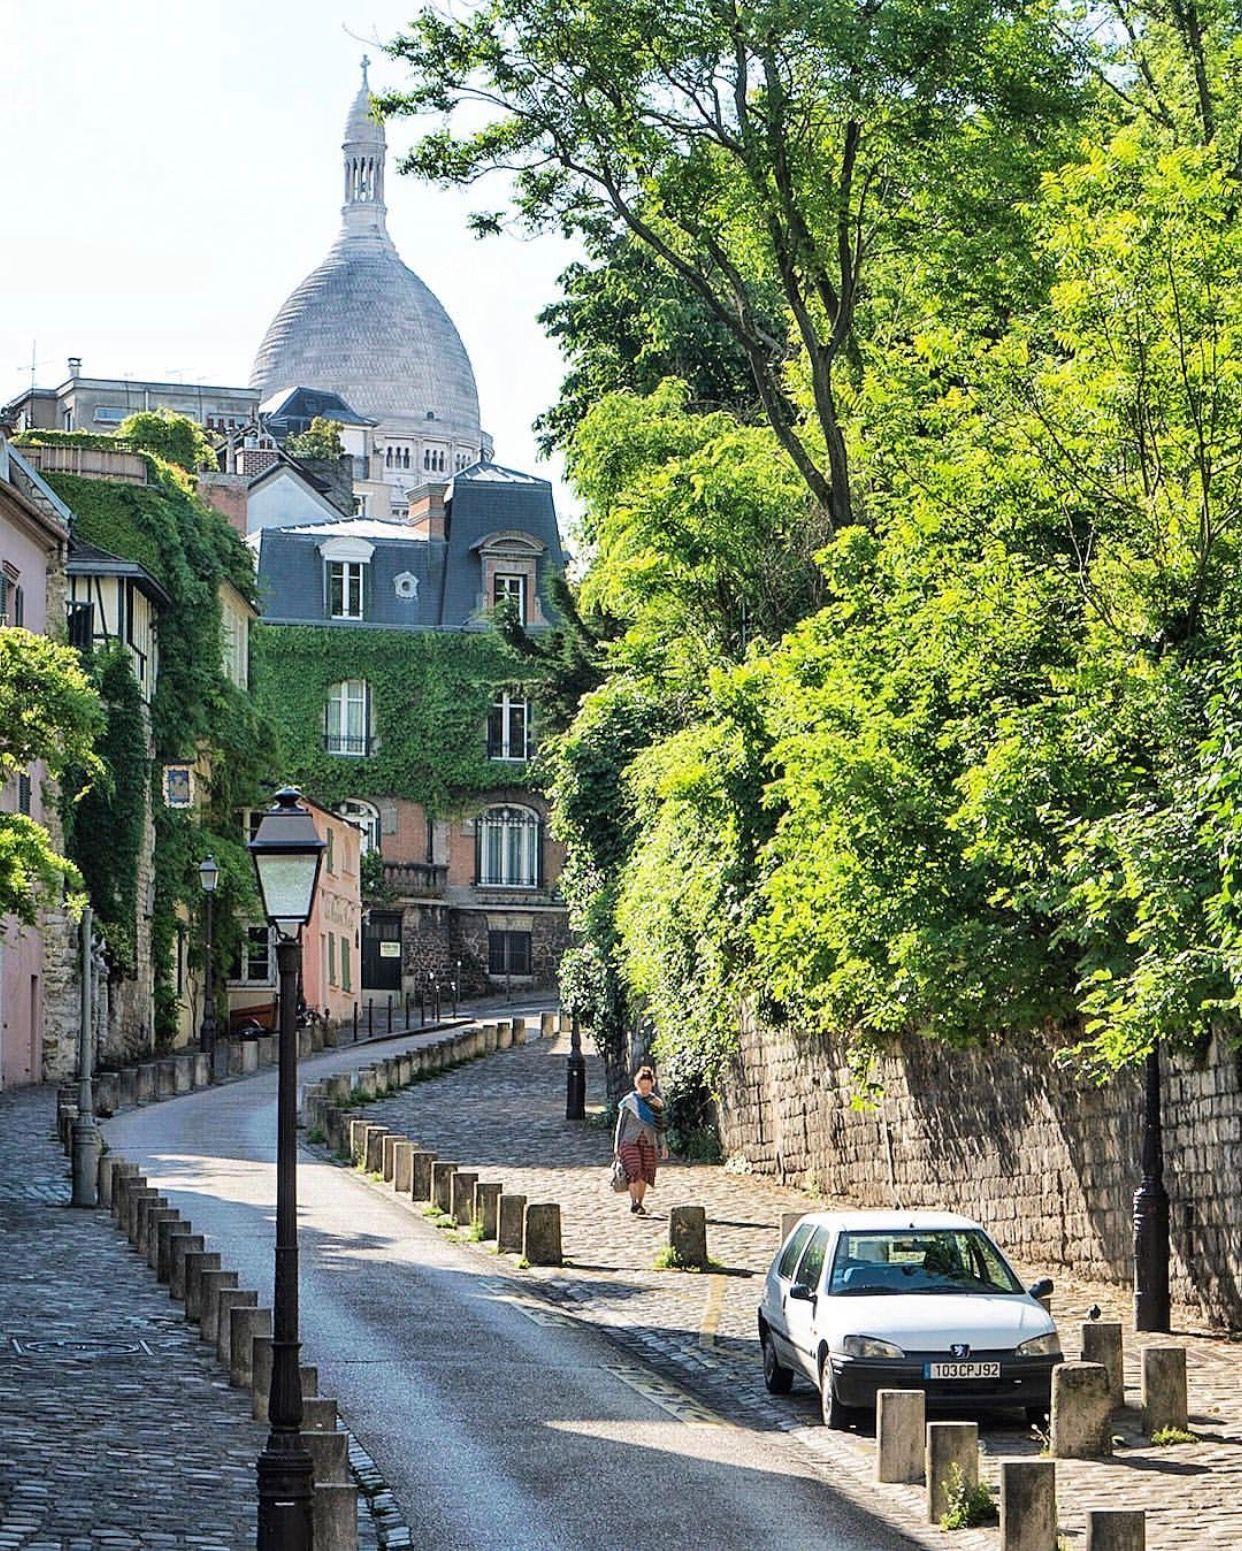 Rue de labreuvoir paris architecture parisian